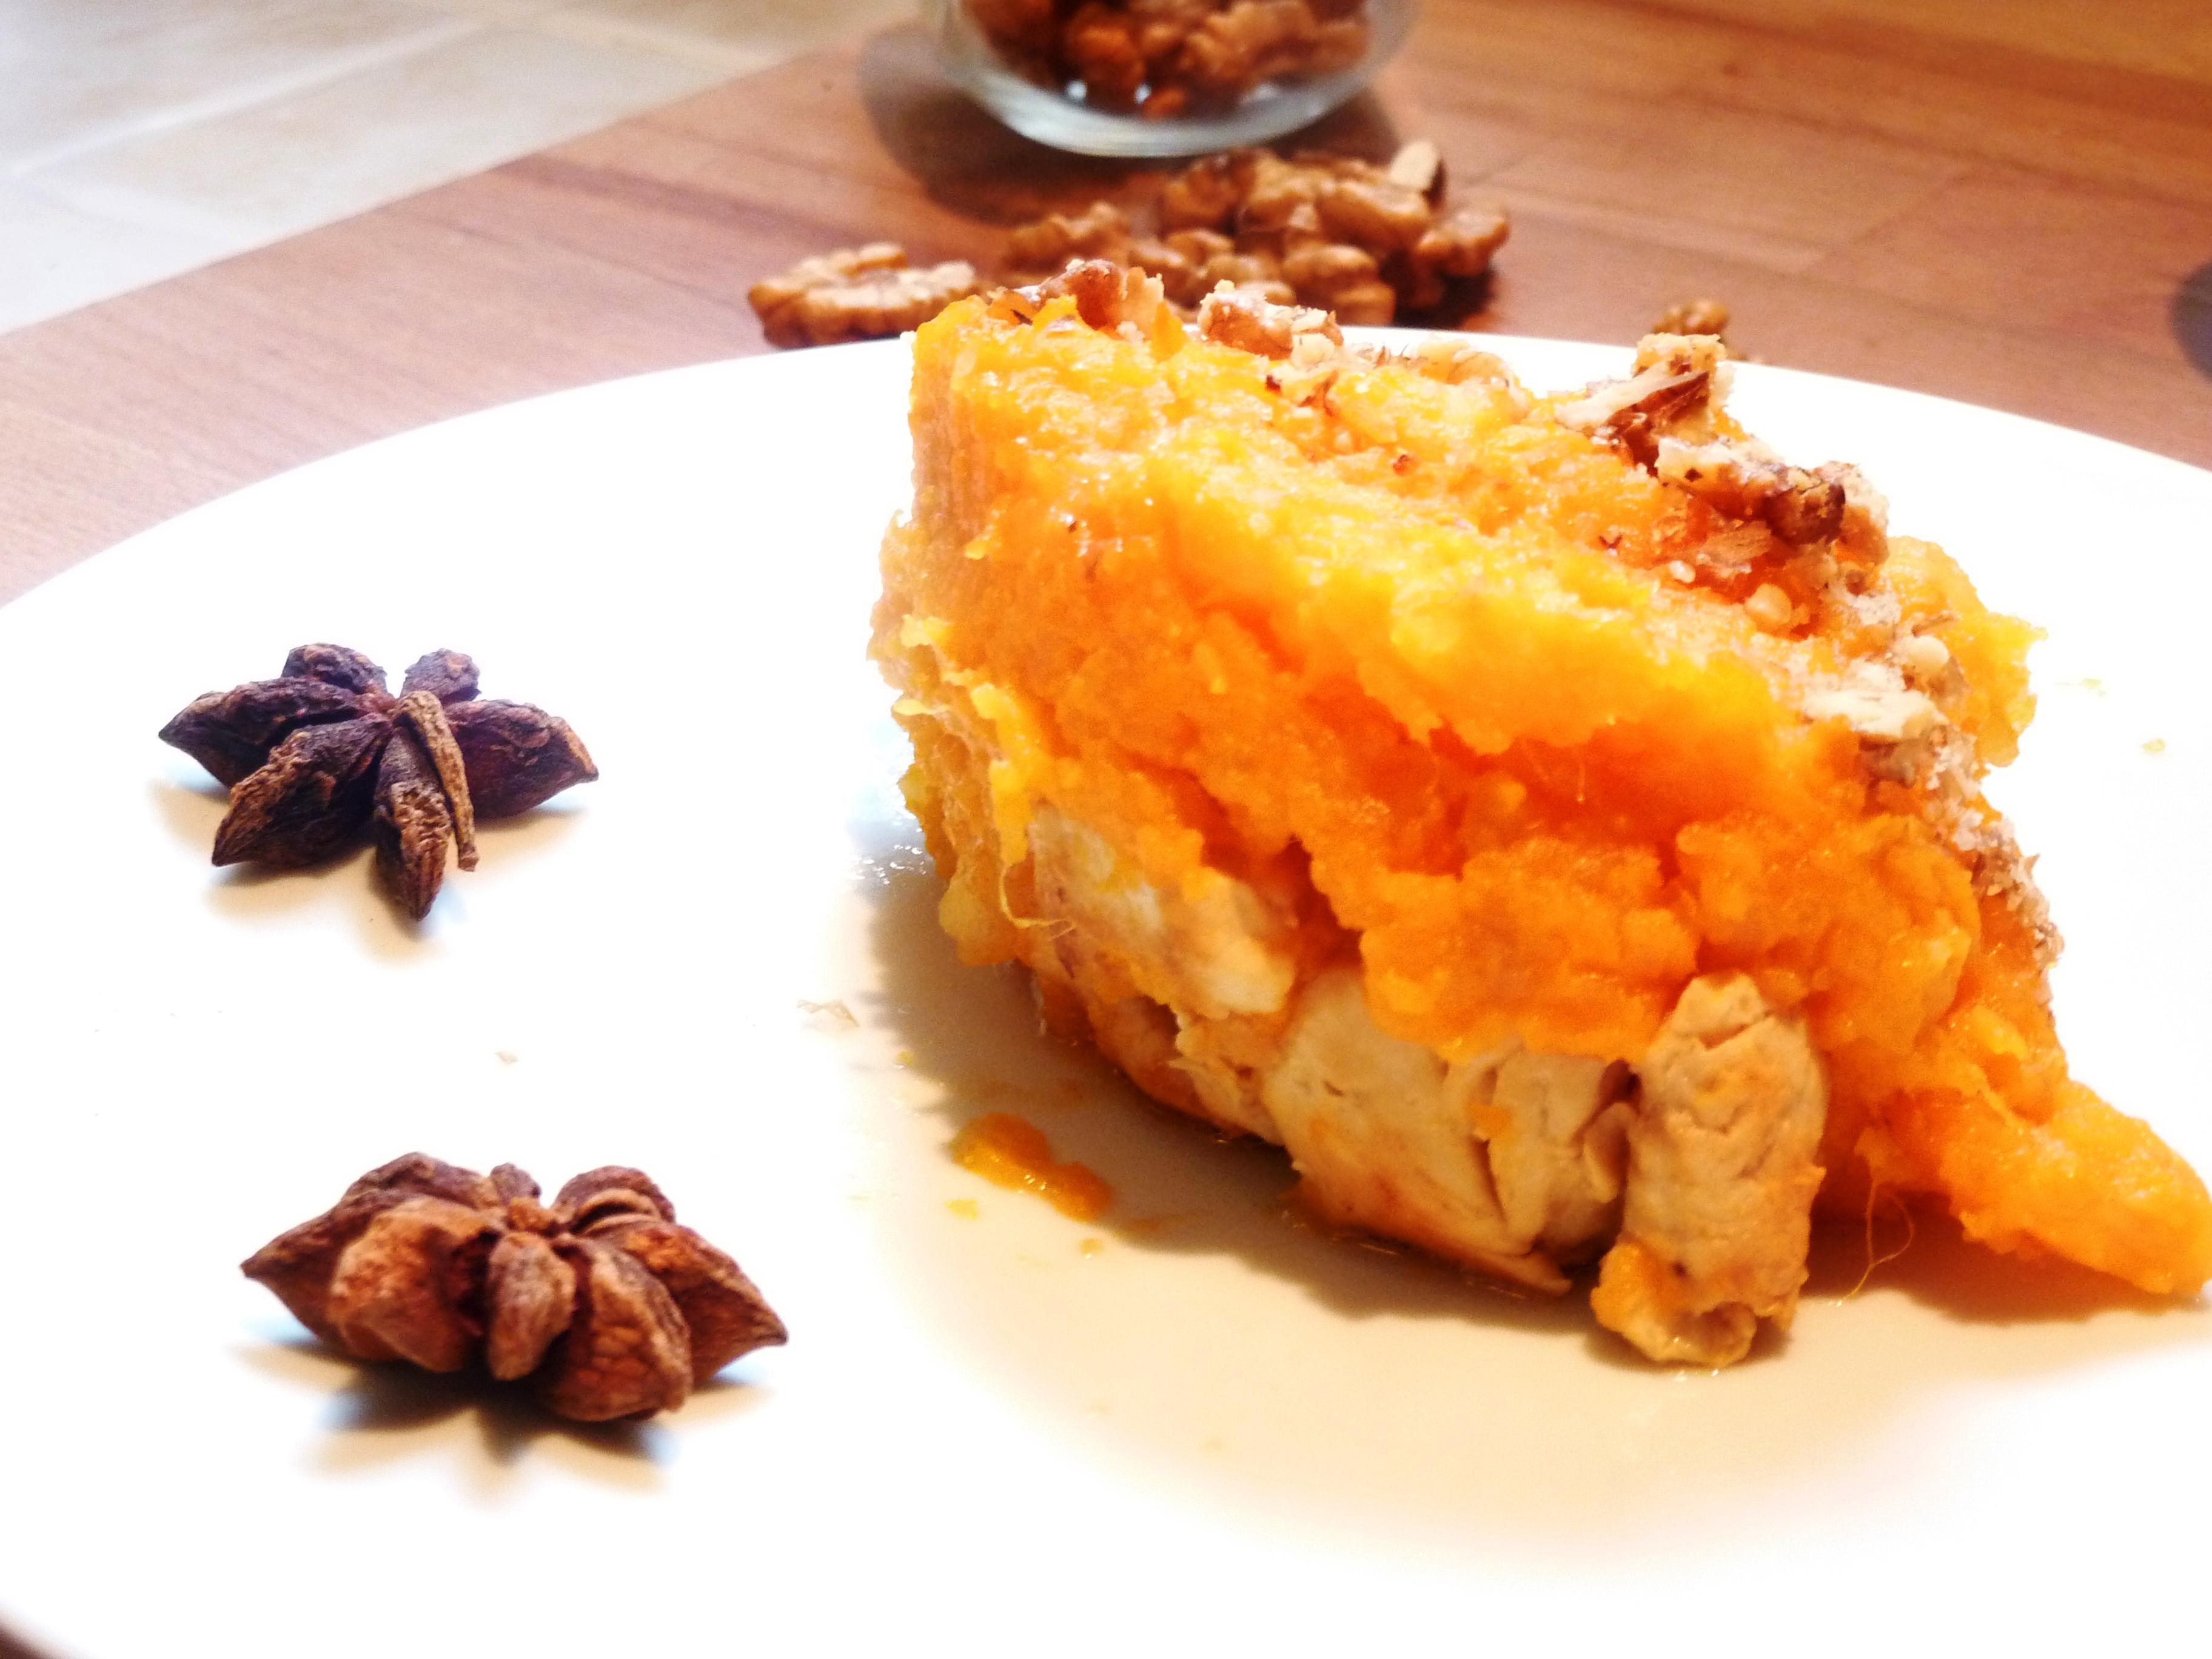 Parmentier anis la patate douce et au poulet blogs de cuisine - Recette poulet patate douce ...